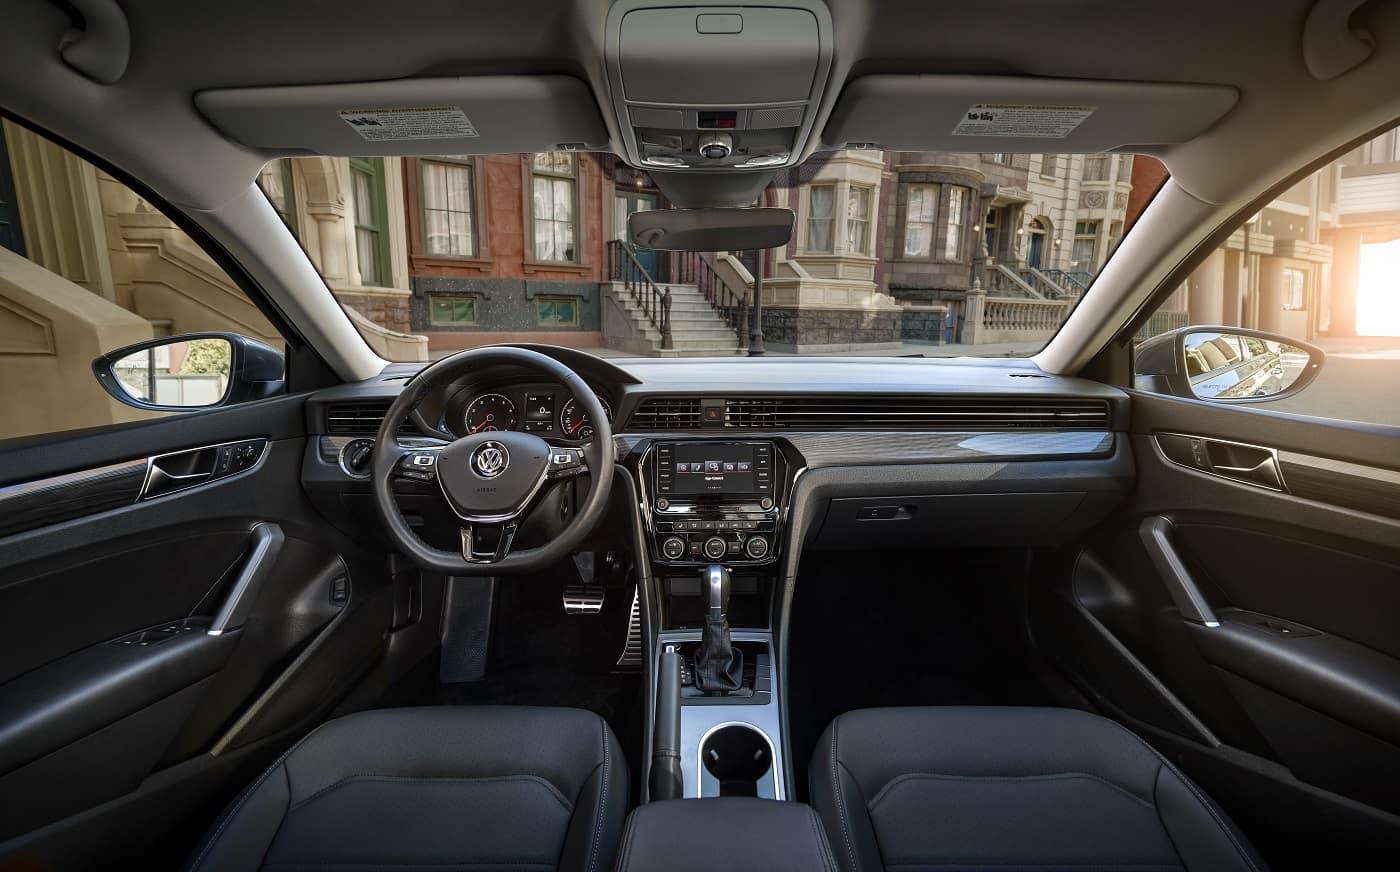 VW Passat Reviews